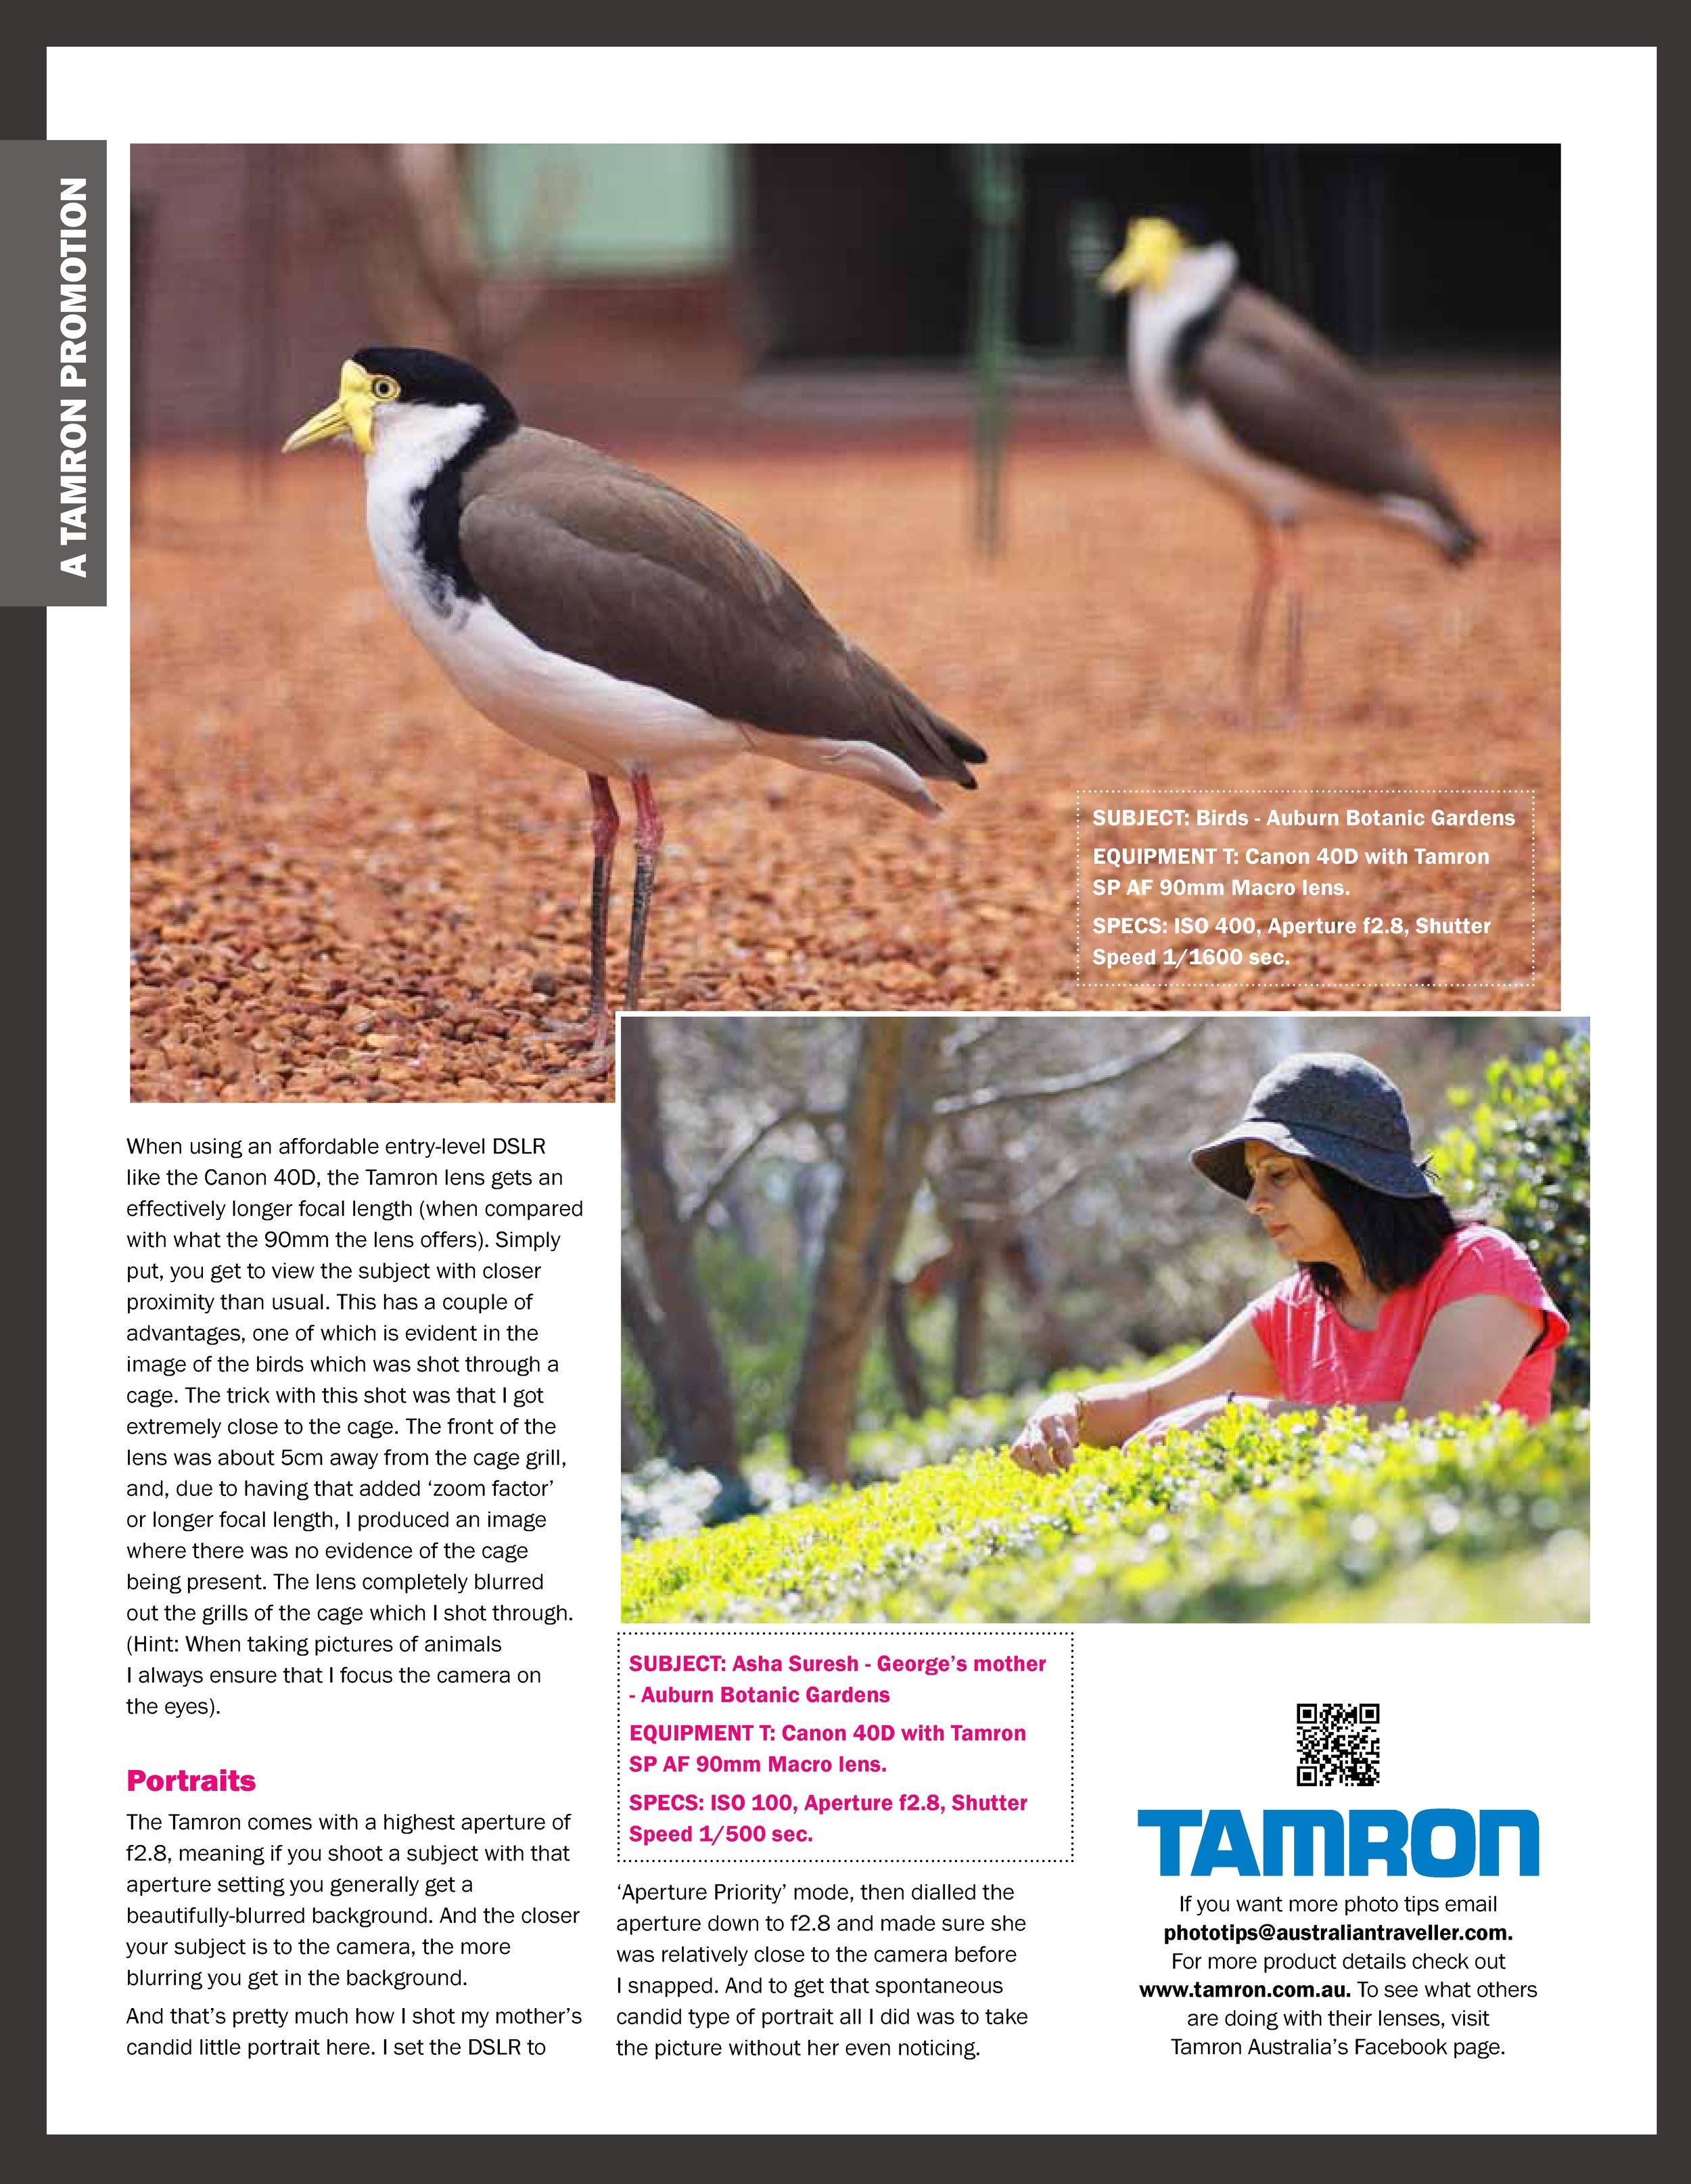 40-42_TAMRON_47-2.jpg